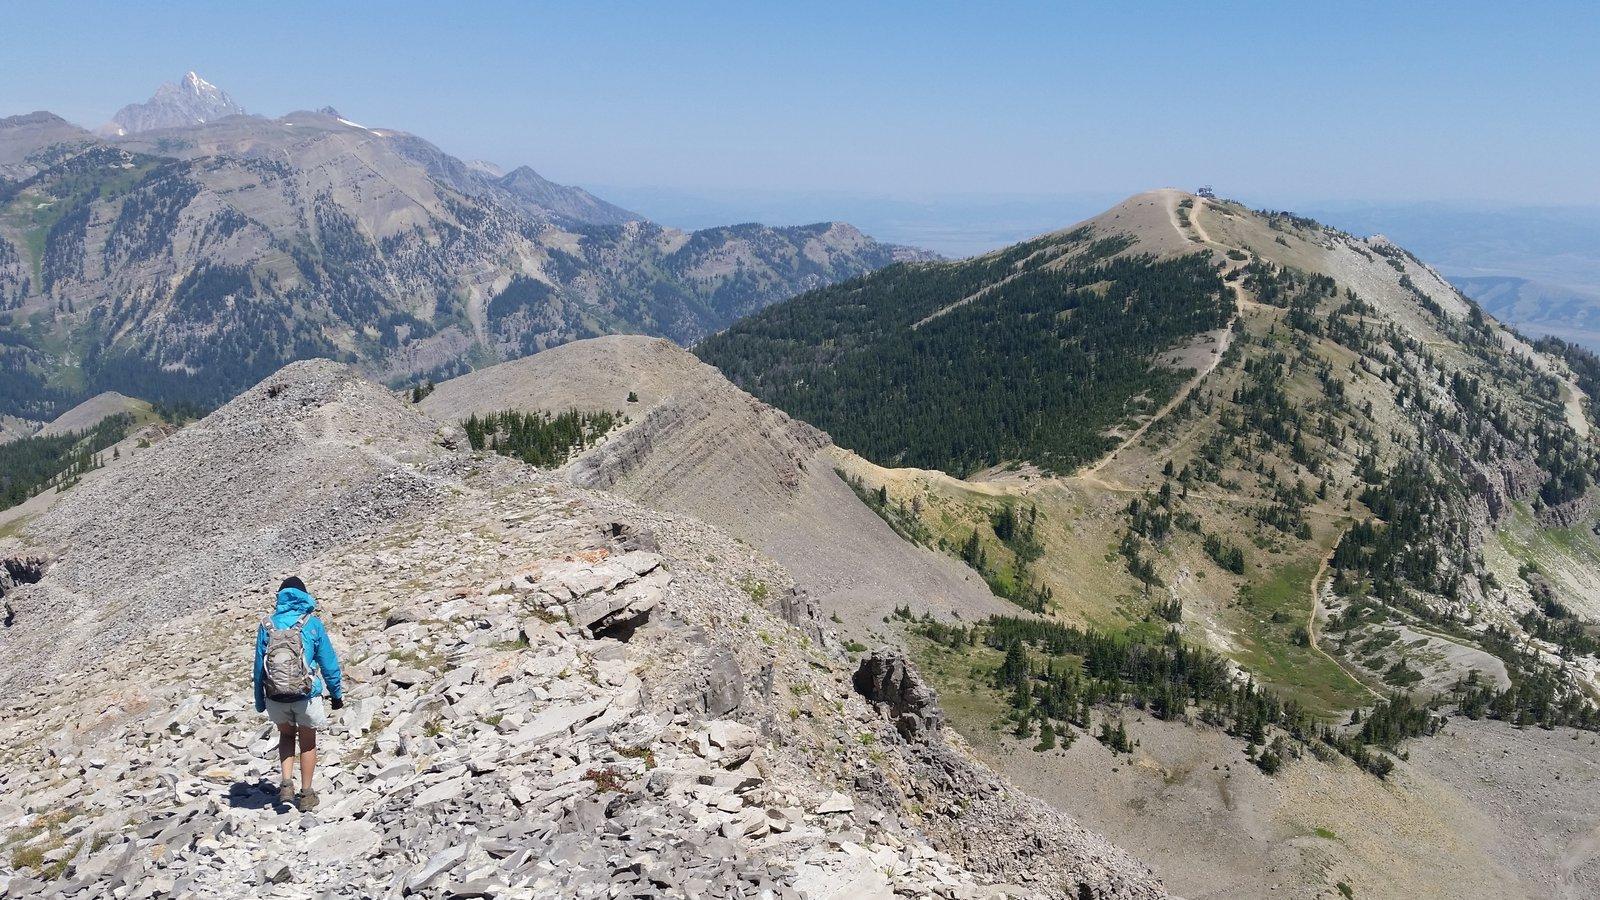 Jackson Hole Mountain Resort mostrando montanhas e escalada ou caminhada